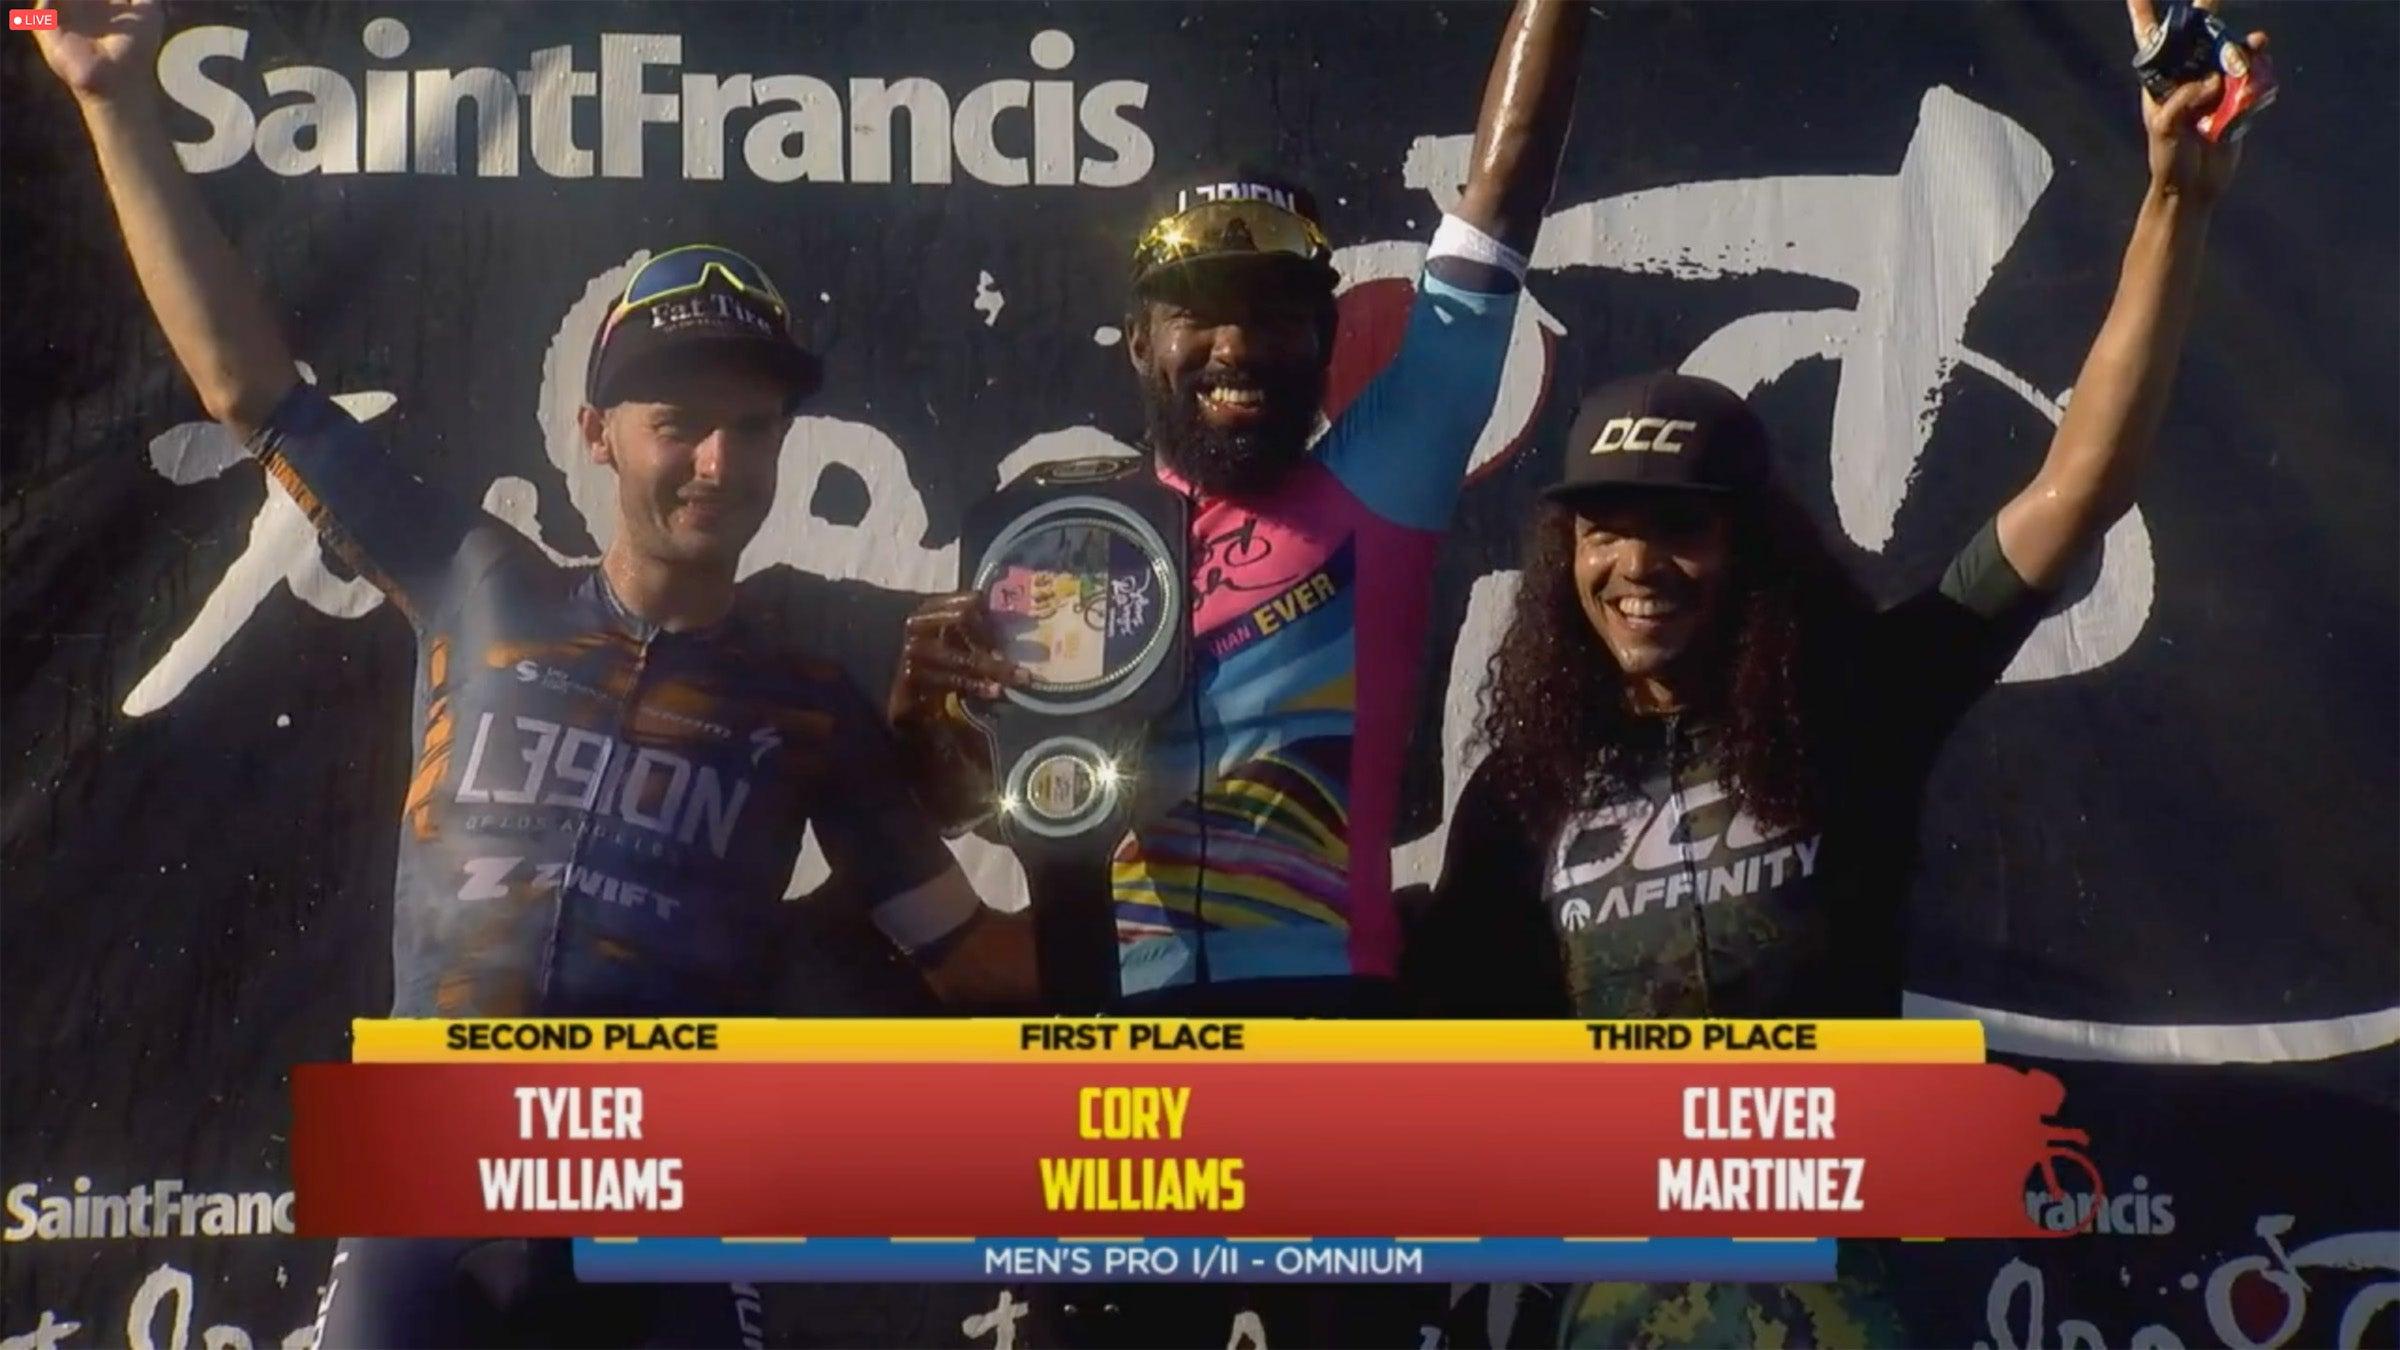 L39ion s'avère imparable avec la troisième victoire consécutive de Tulsa chez les femmes et les hommes